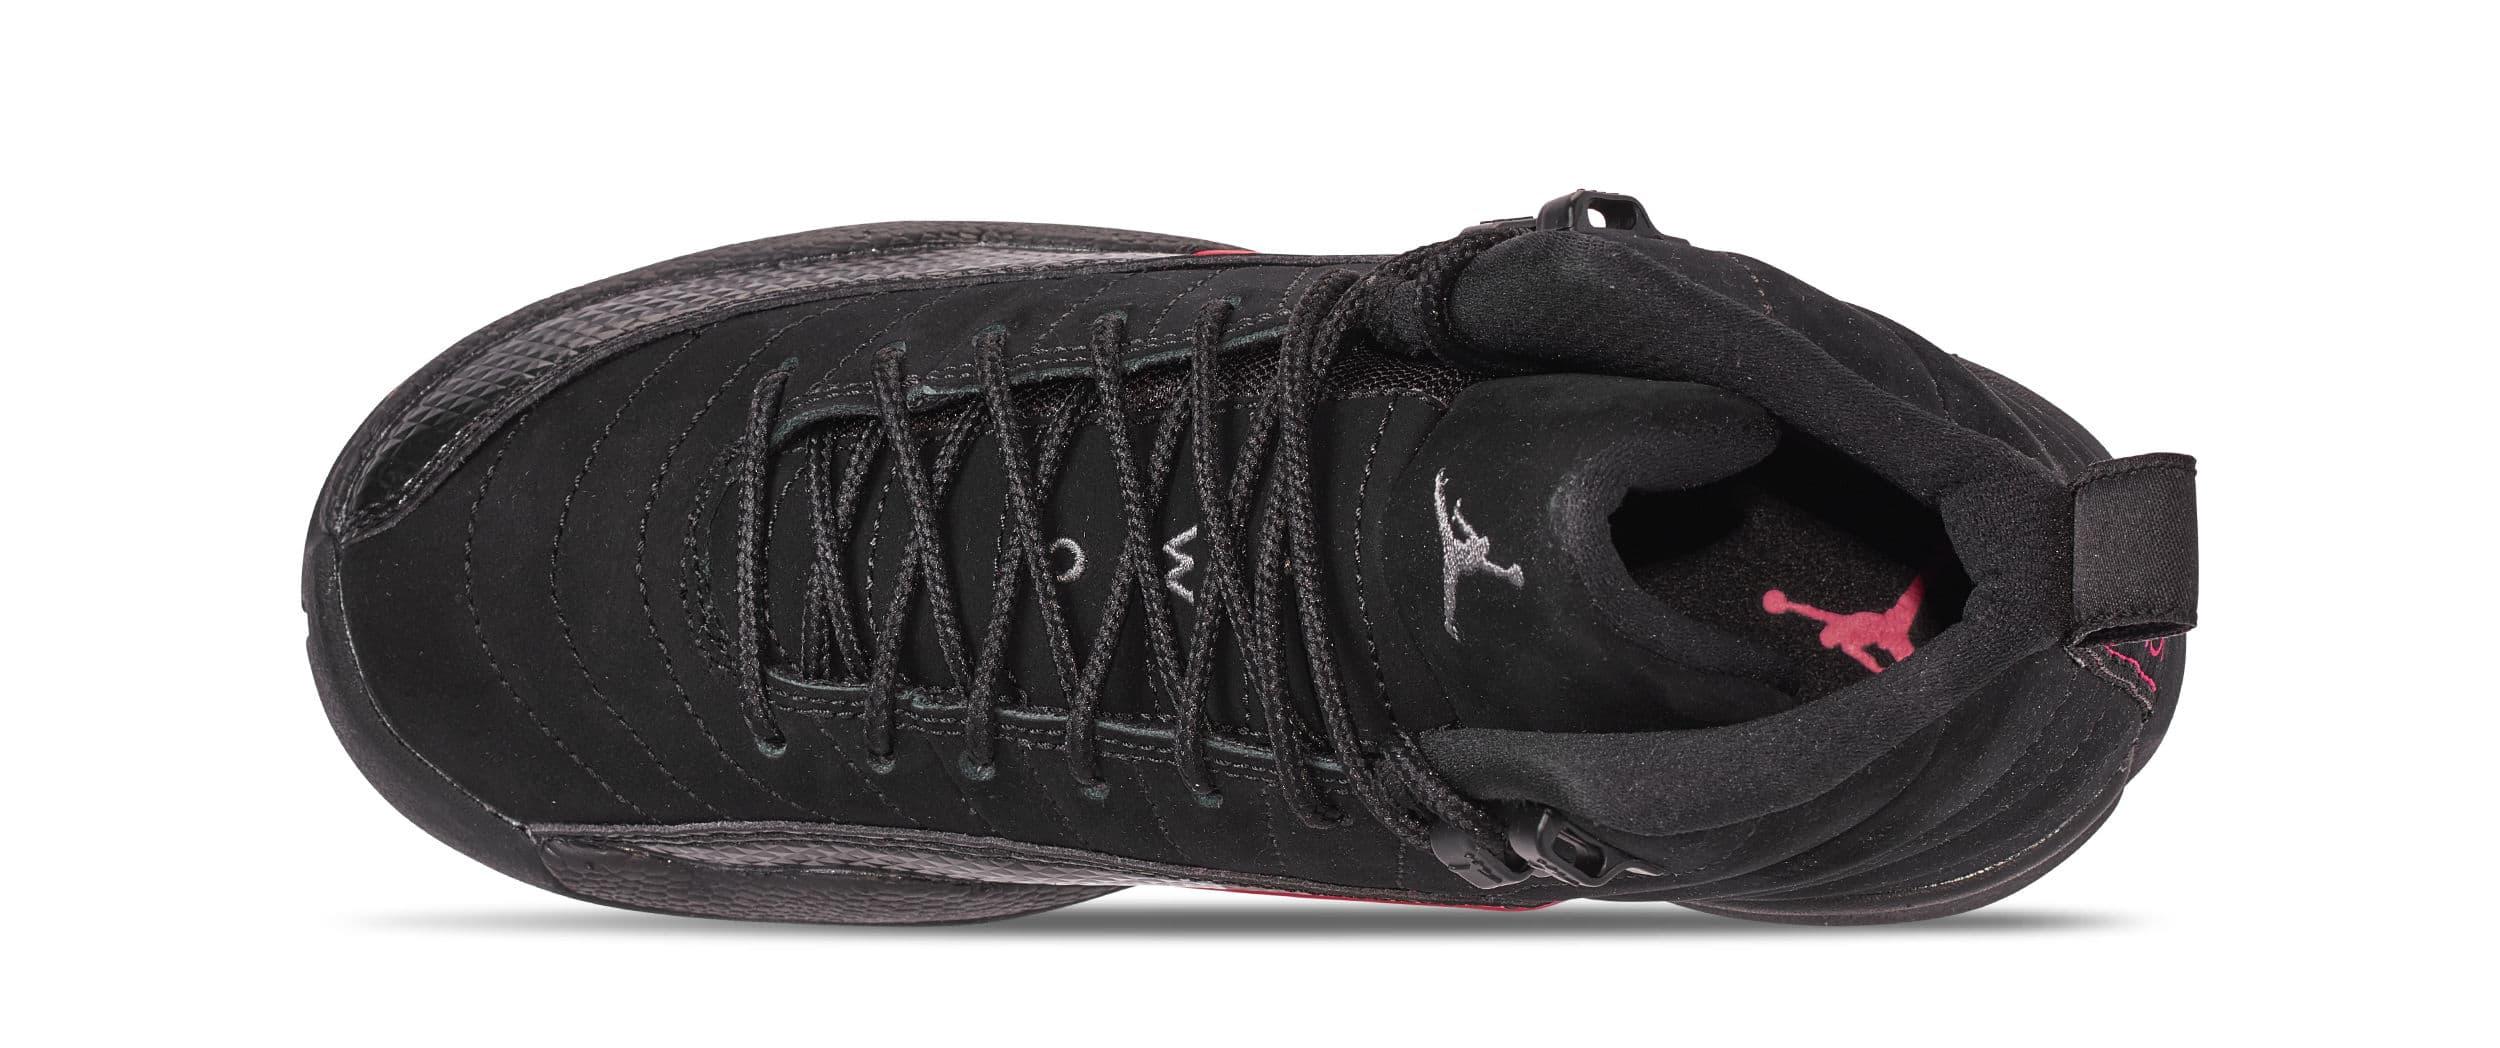 Air Jordan 12 Retro GG 'Black/Dark Grey/Rush Pink' 510815-006 (Top)